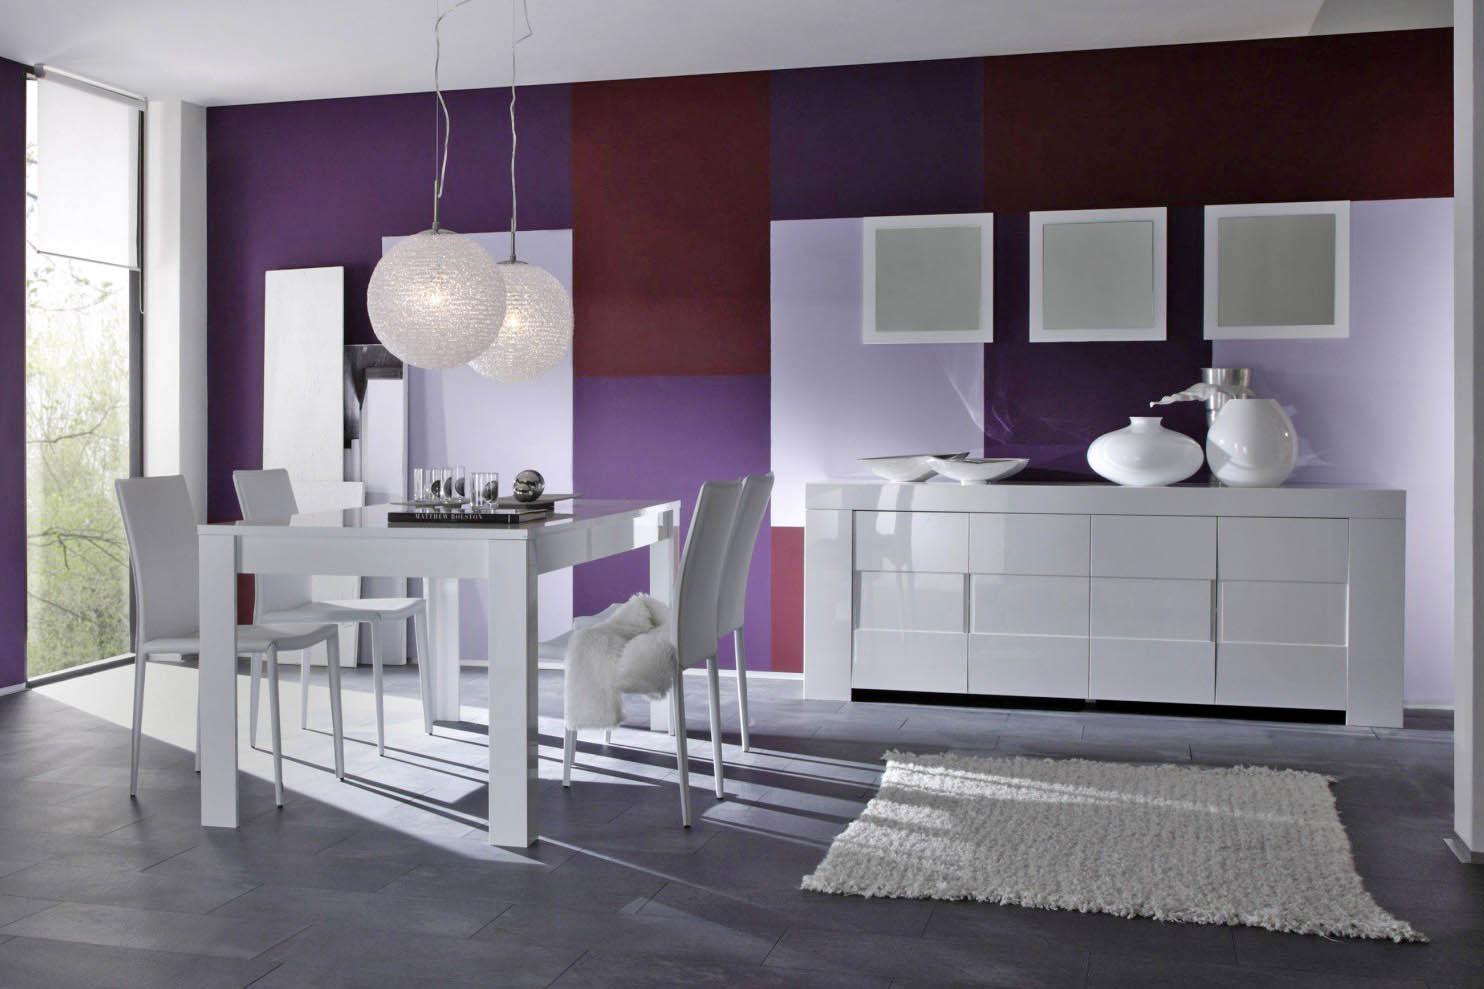 Salle manger meubl et design blanc meuble et for Meuble moderne salle a manger